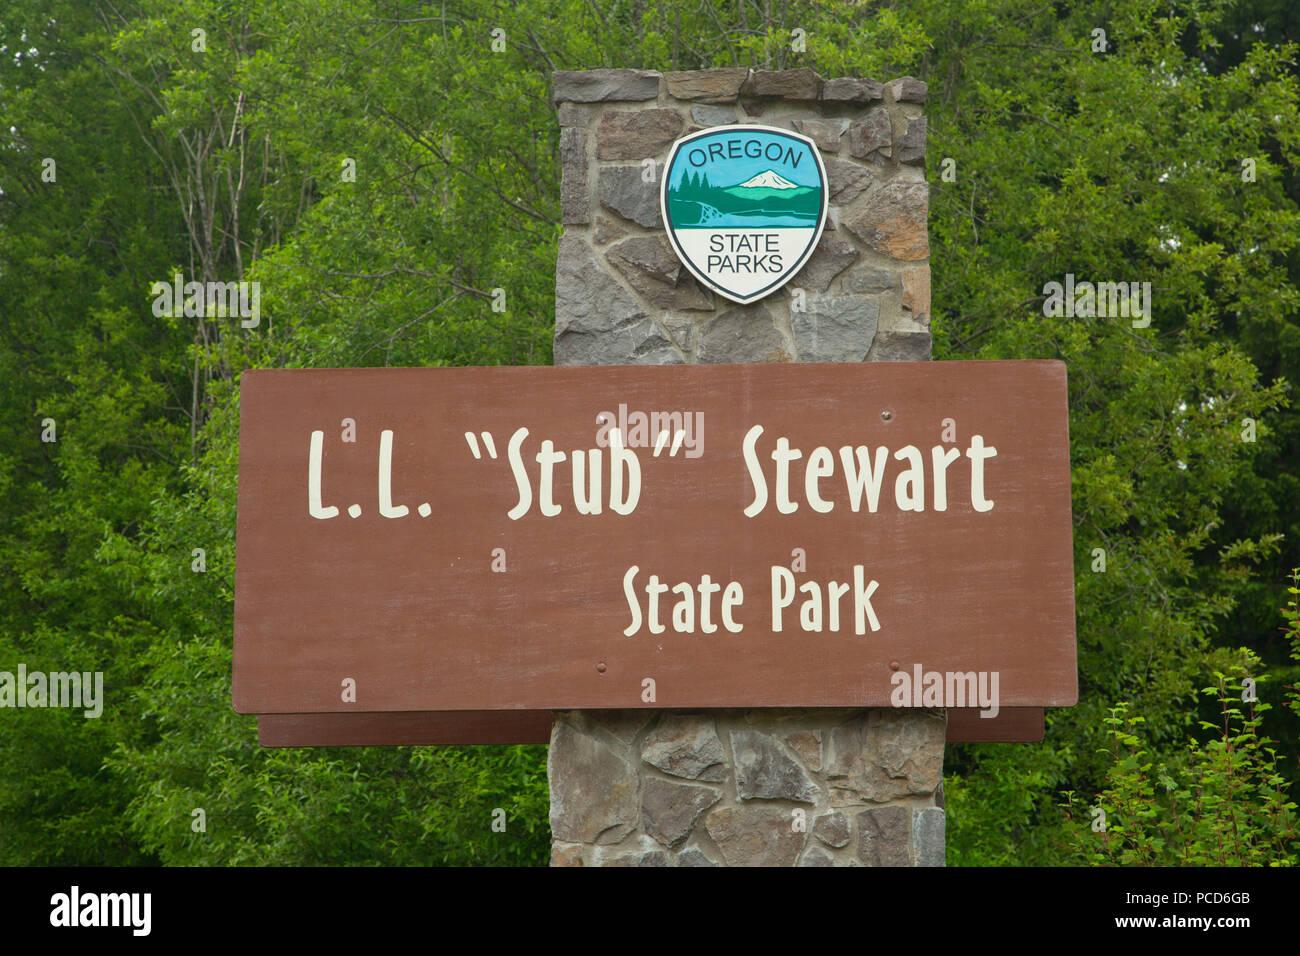 Entrance sign, Stub Stewart State Park, Oregon - Stock Image